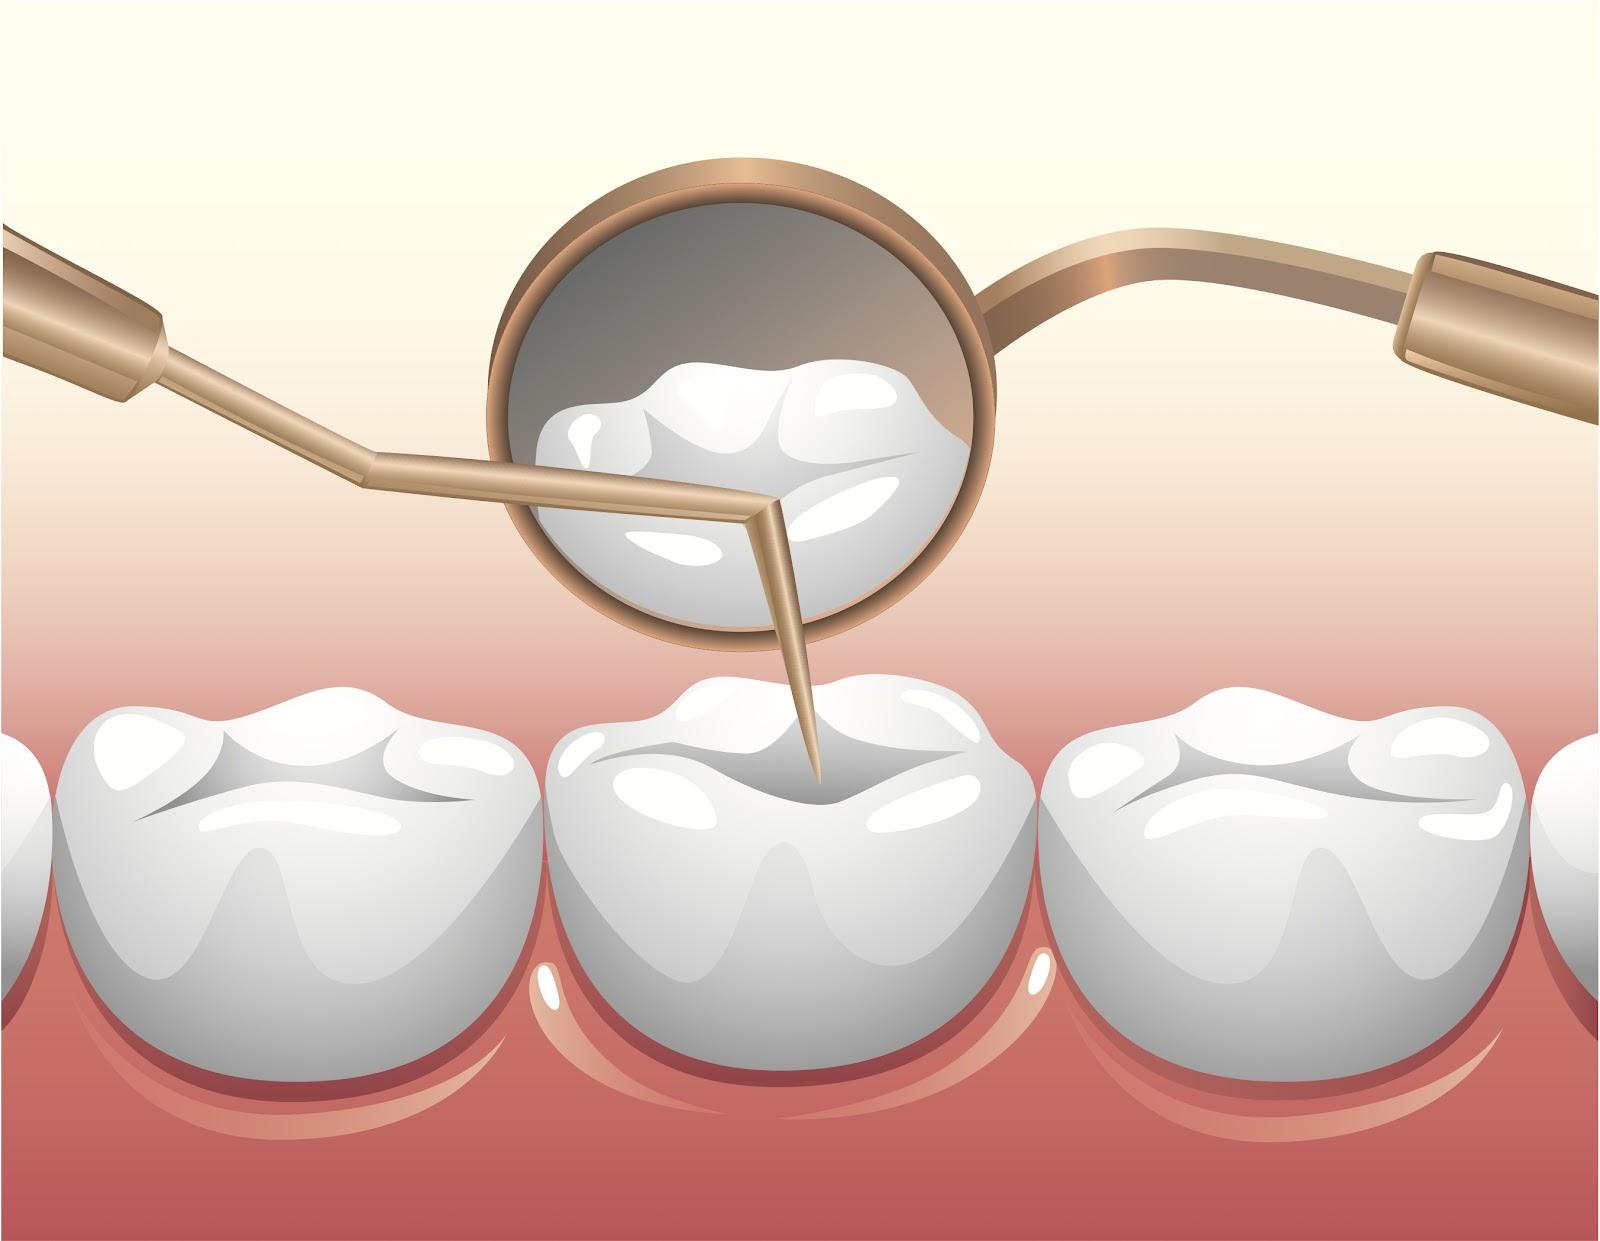 Các bước trong quy trình điều trị tủy răng diễn ra thế nào? 1